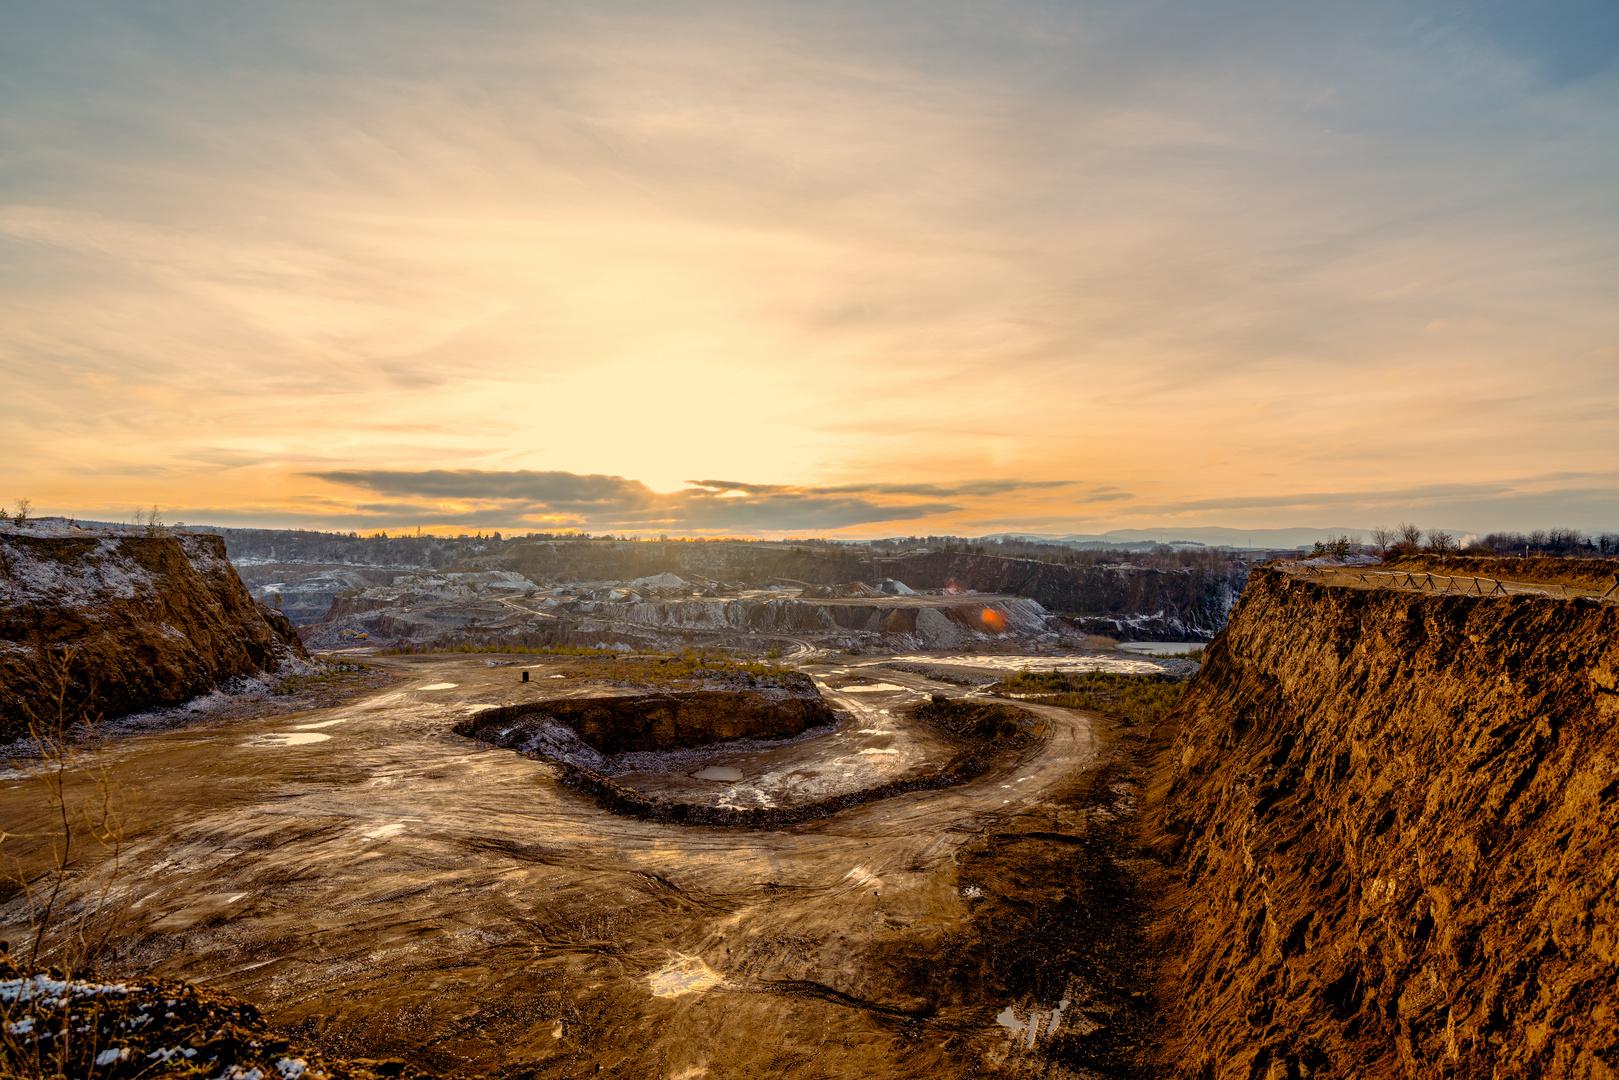 Sonnenuntergang über den Tagebau